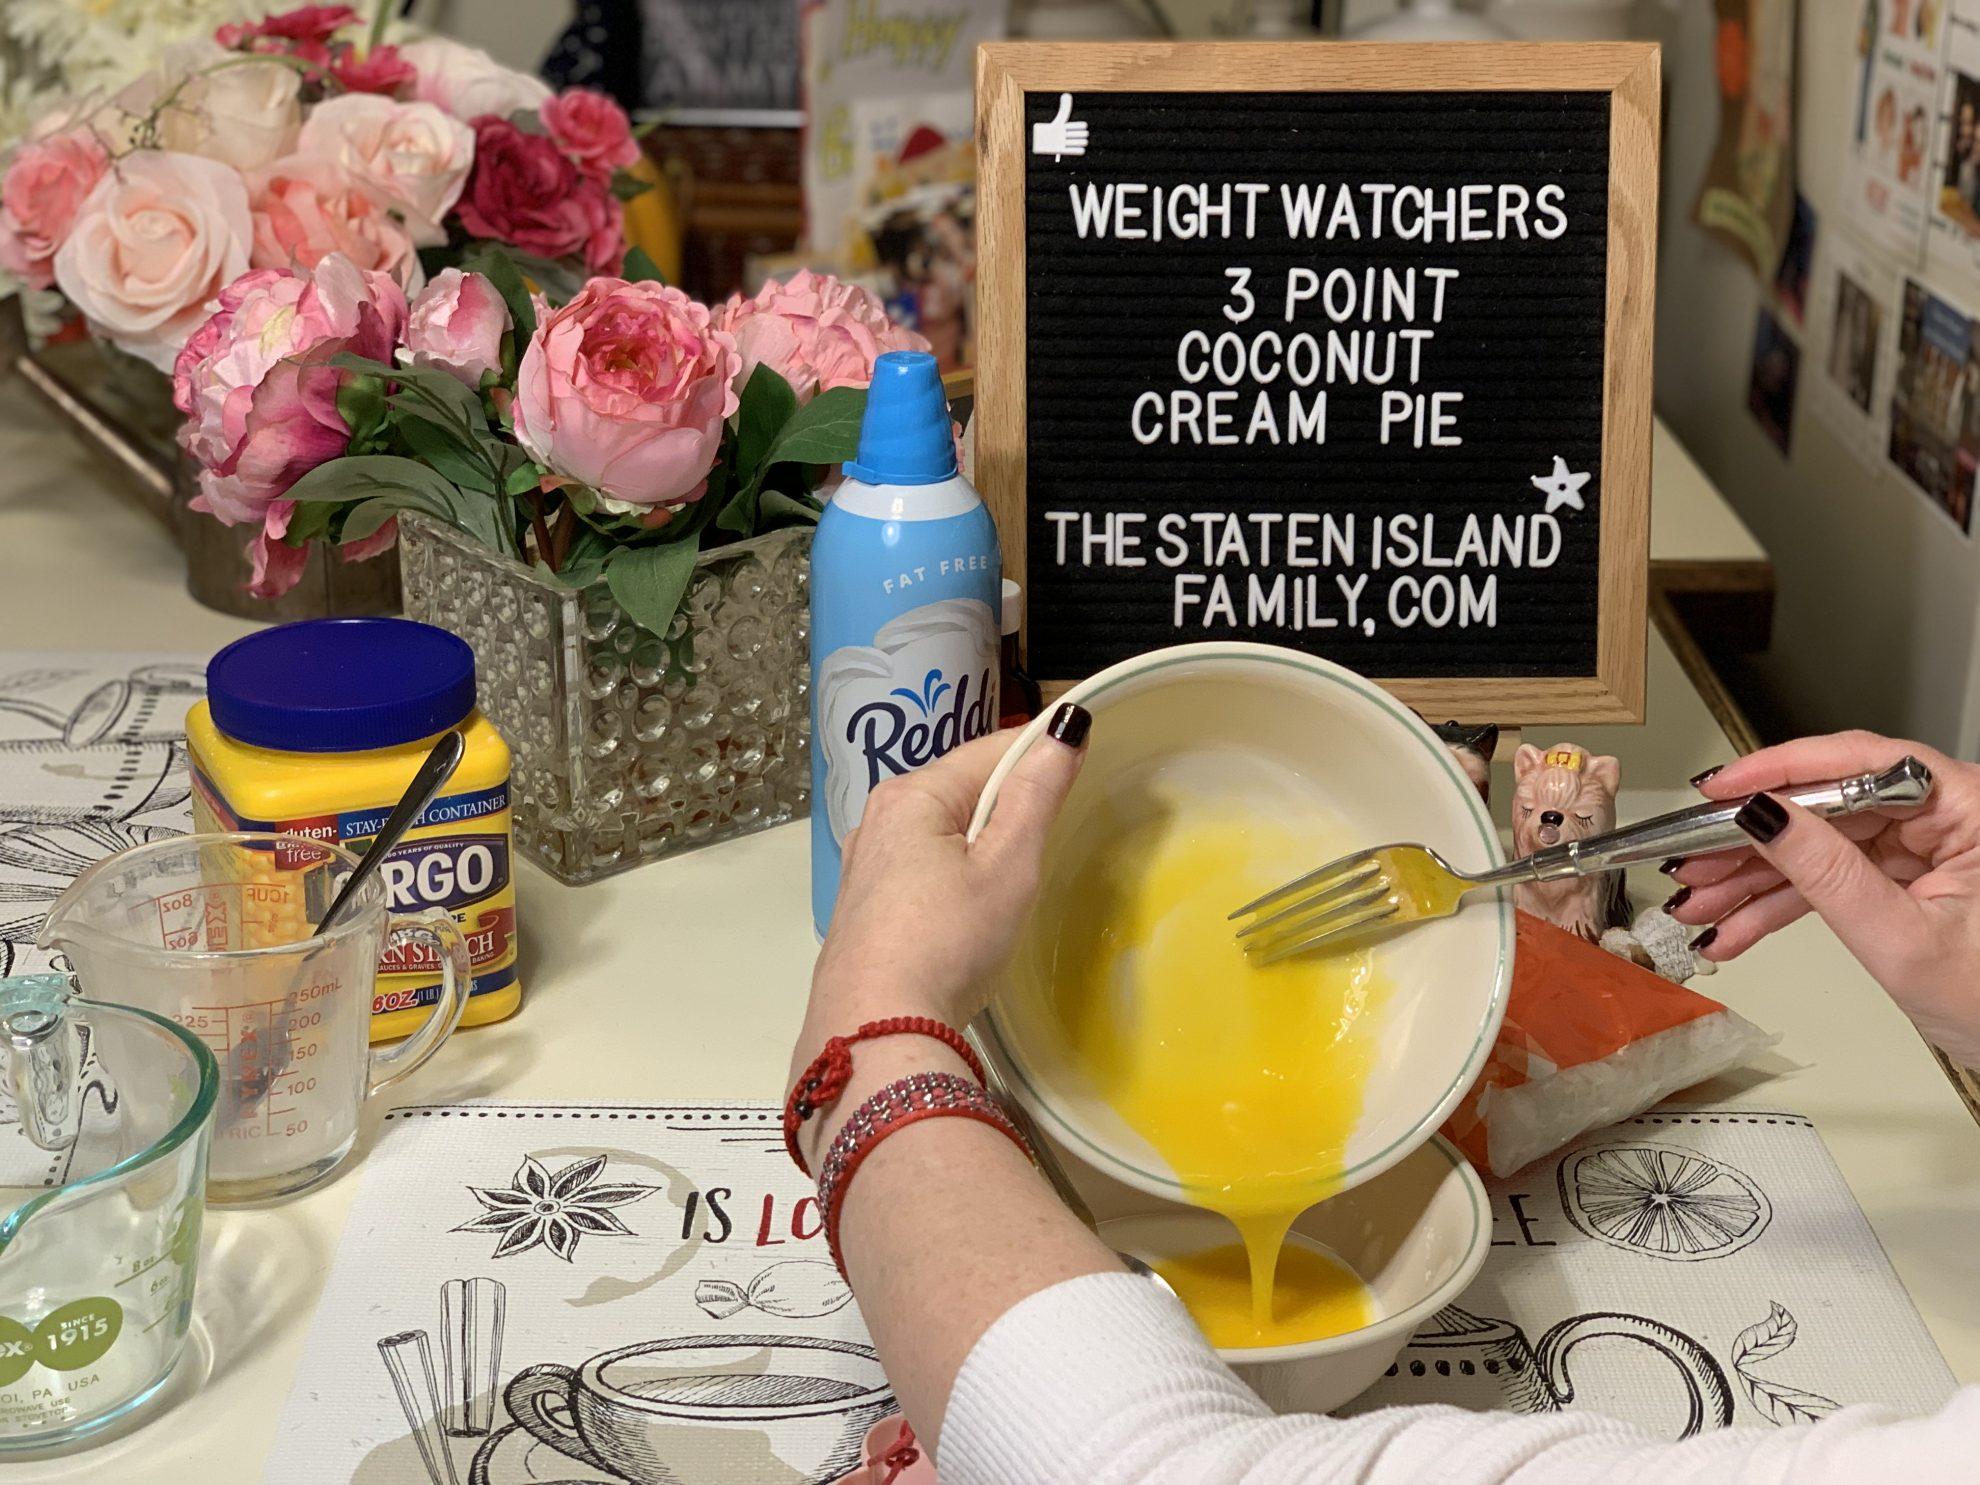 Weight Watchers Coconut Cream Pie - Just three points per serving